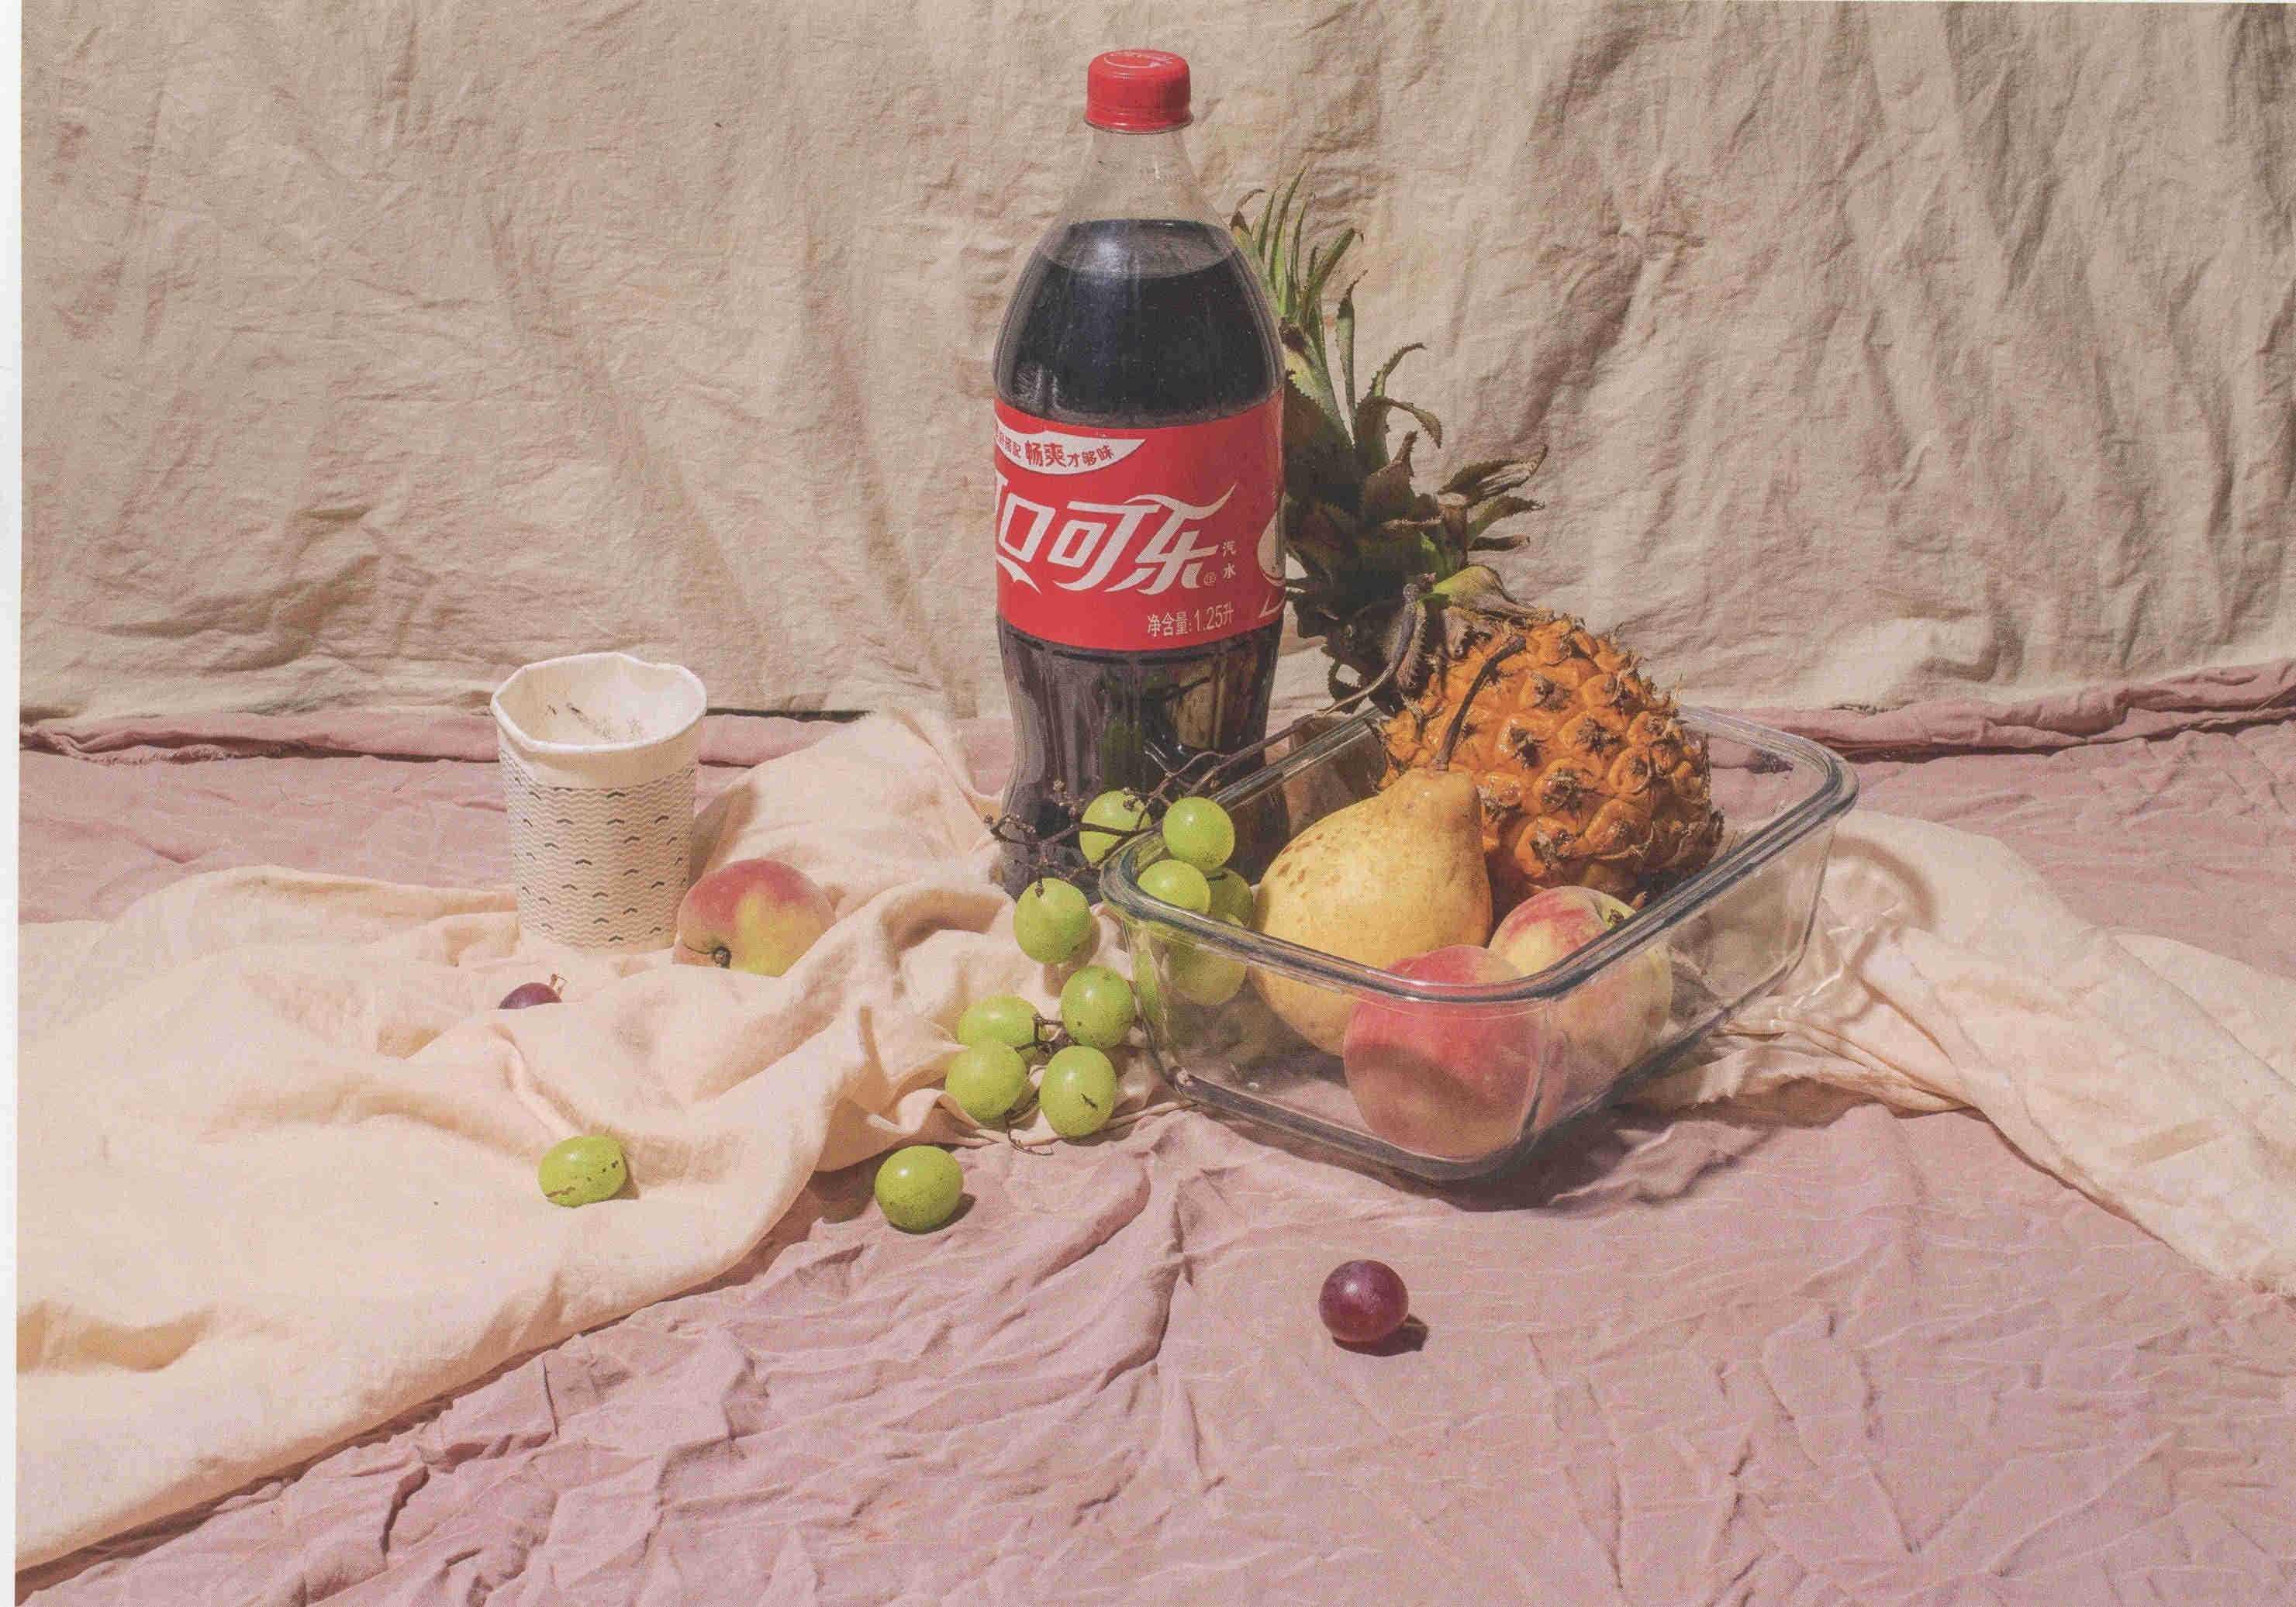 素描可乐瓶菠萝、葡萄、苹果组合道具 超清